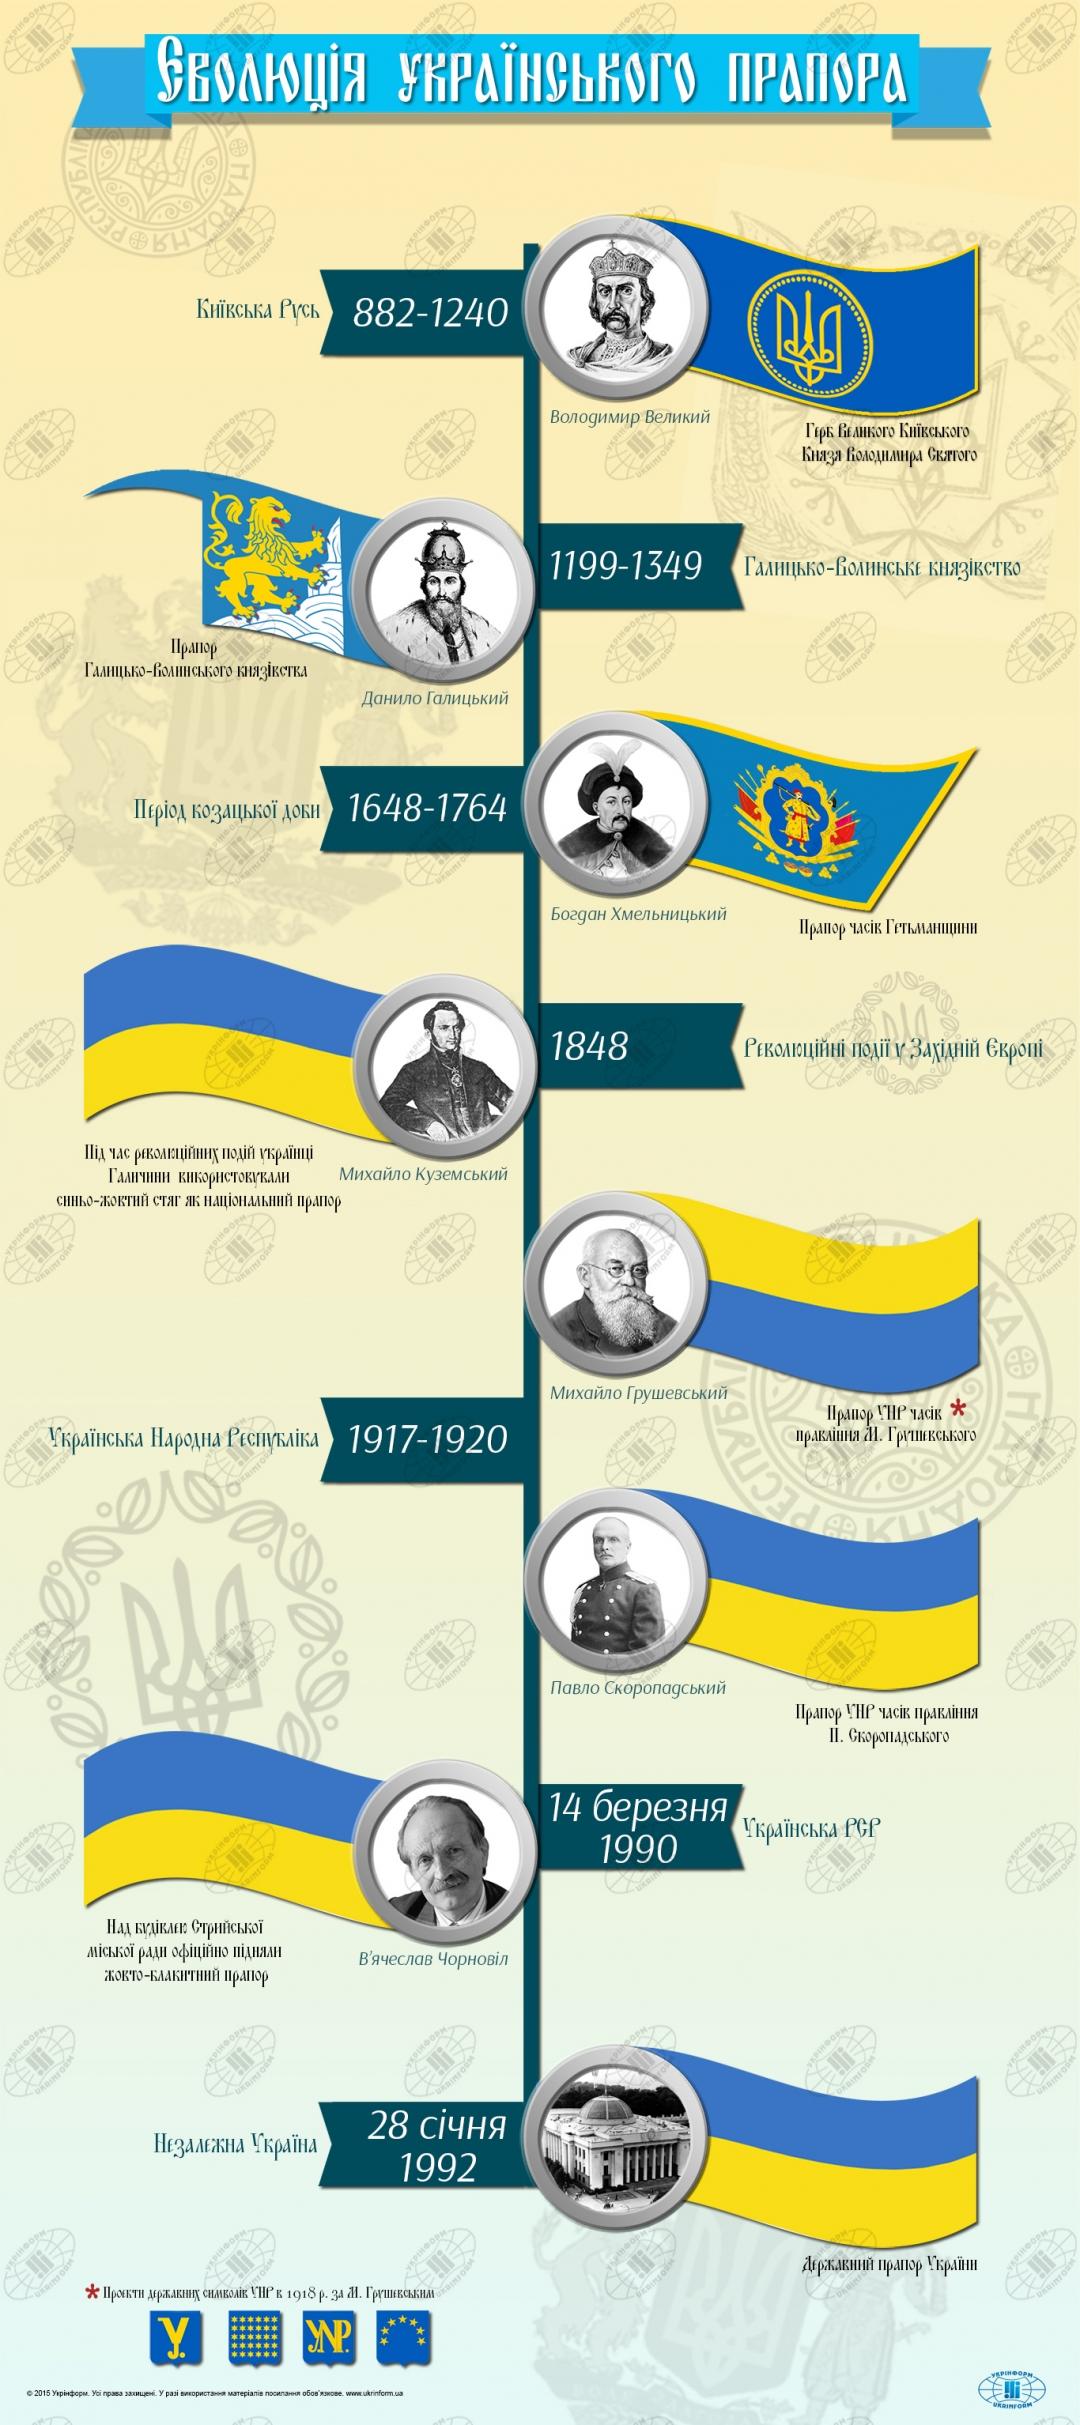 http//static.ukrinform.com/photos/2016_08/1471875504-1011.jpg